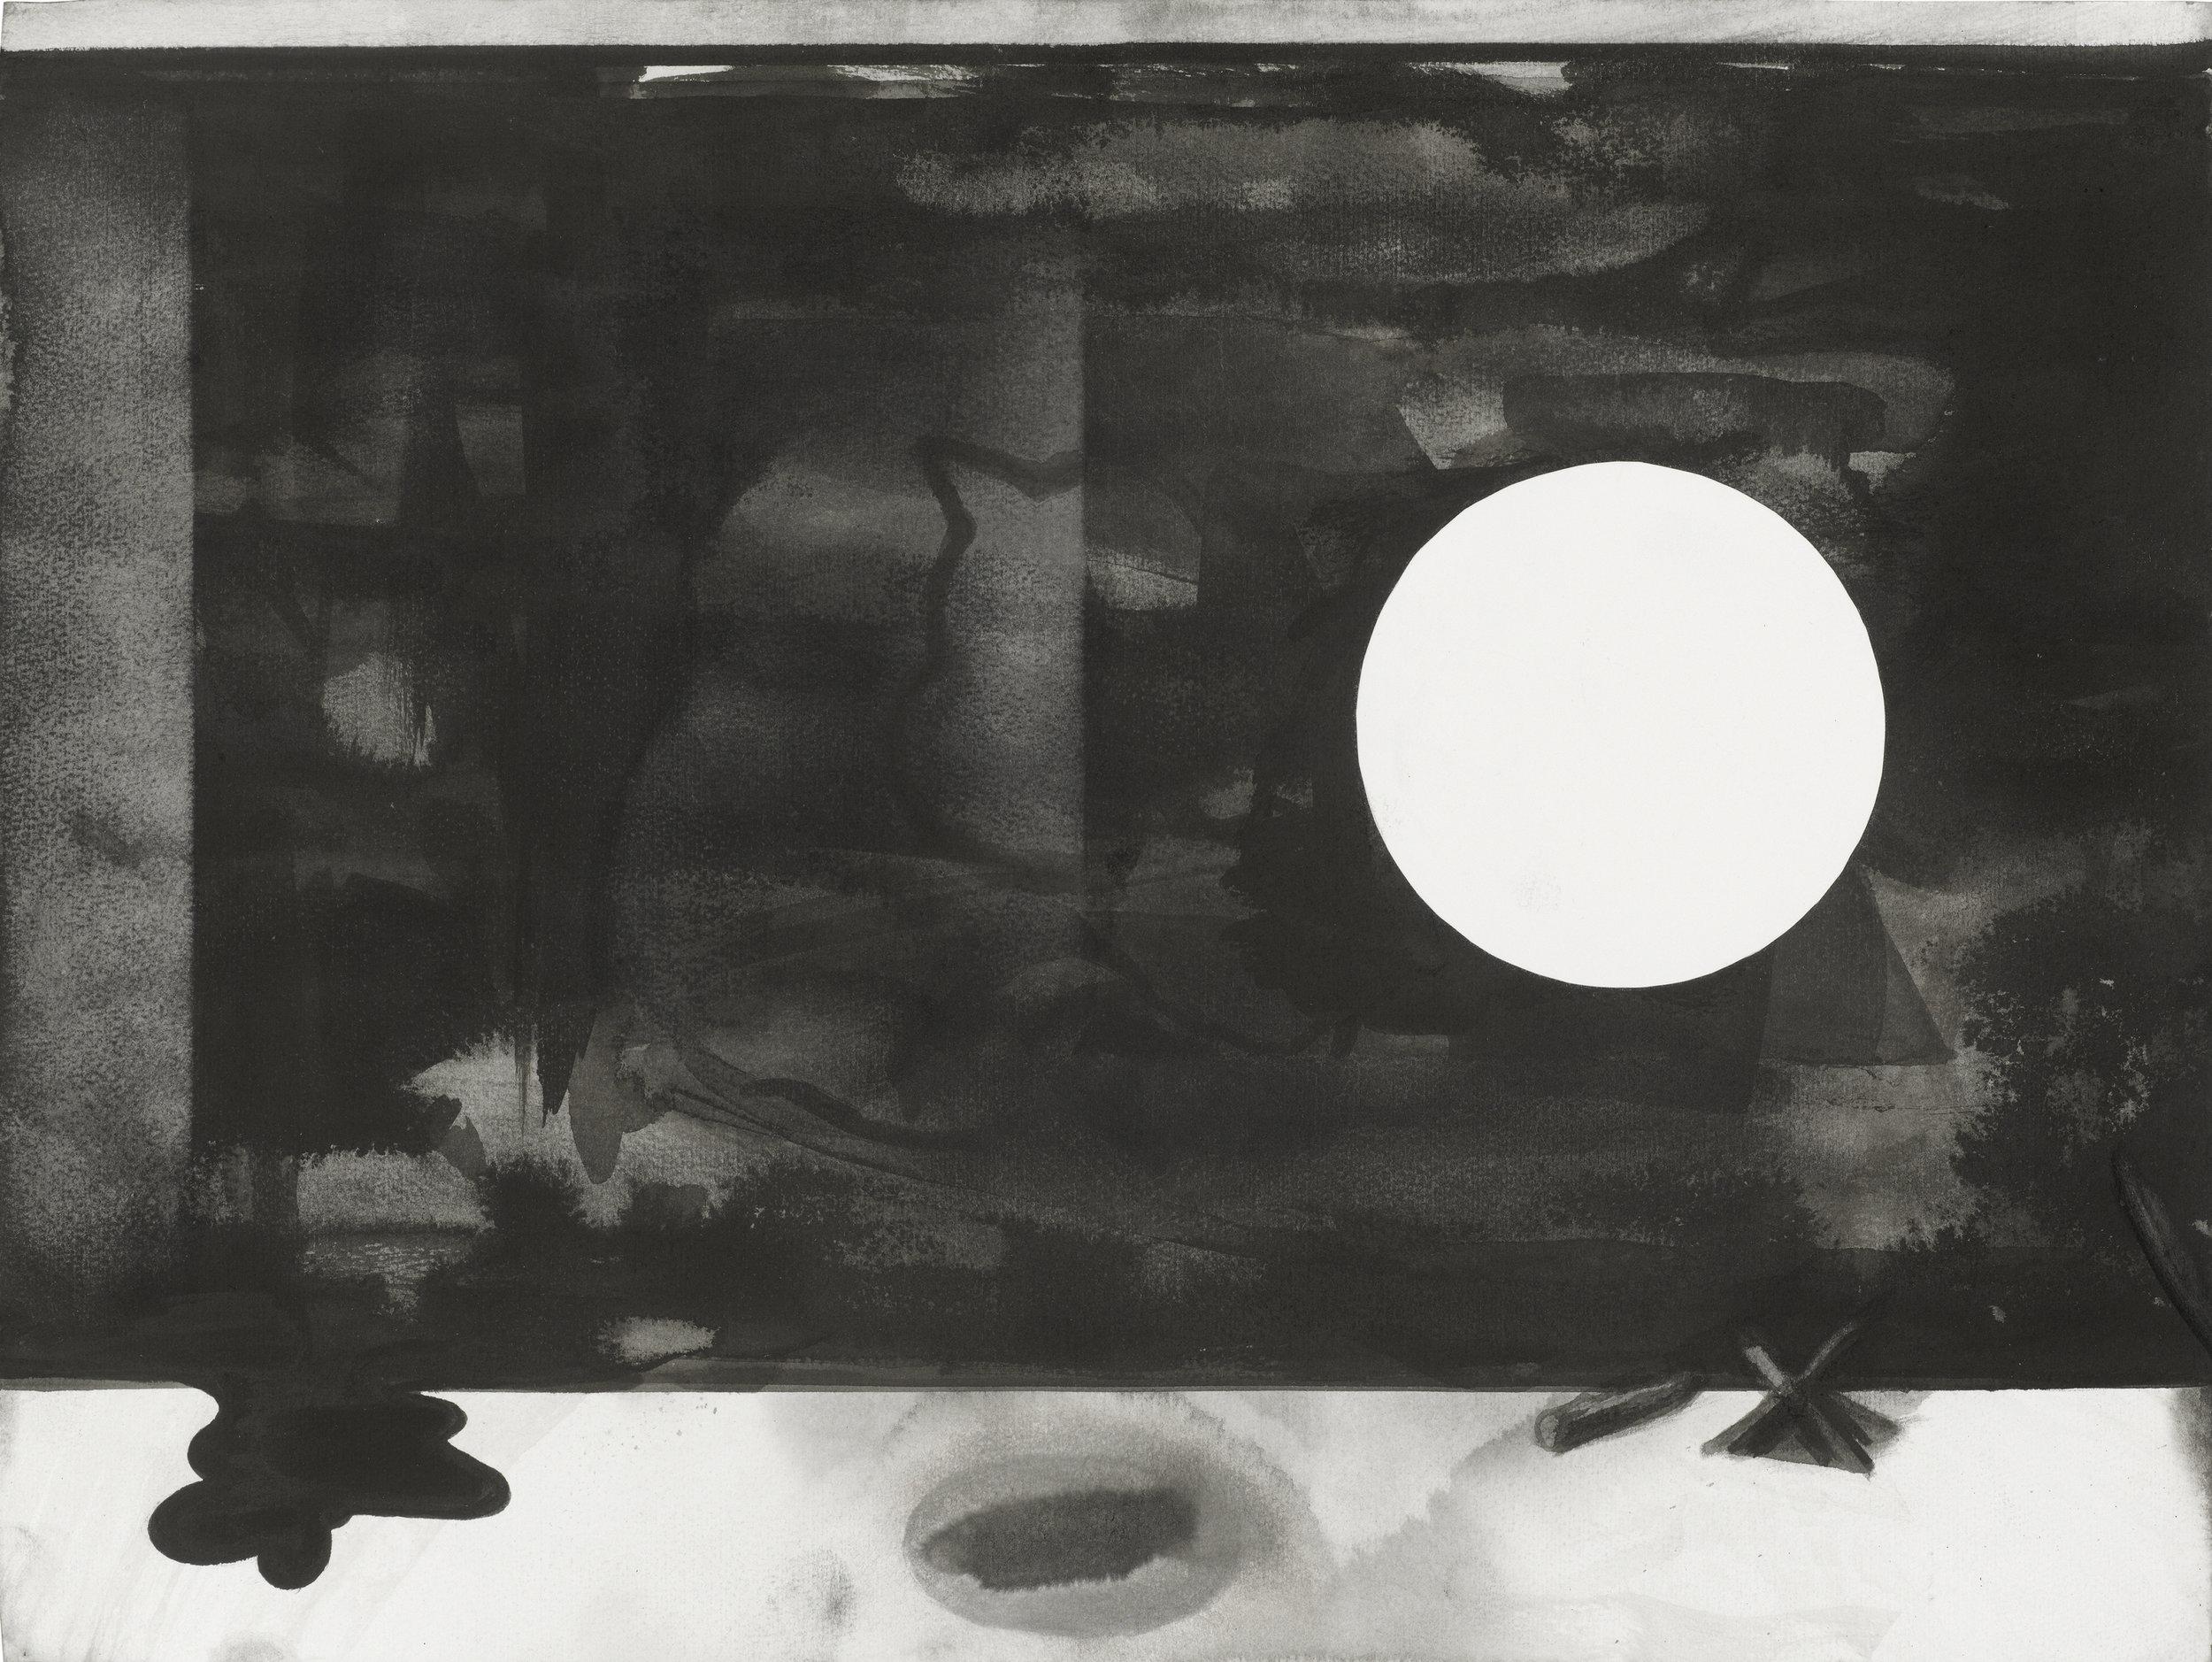 Ich war noch nie in London, 2018, Tusche auf Papier, 35,8 x 47,5 cm.jpg